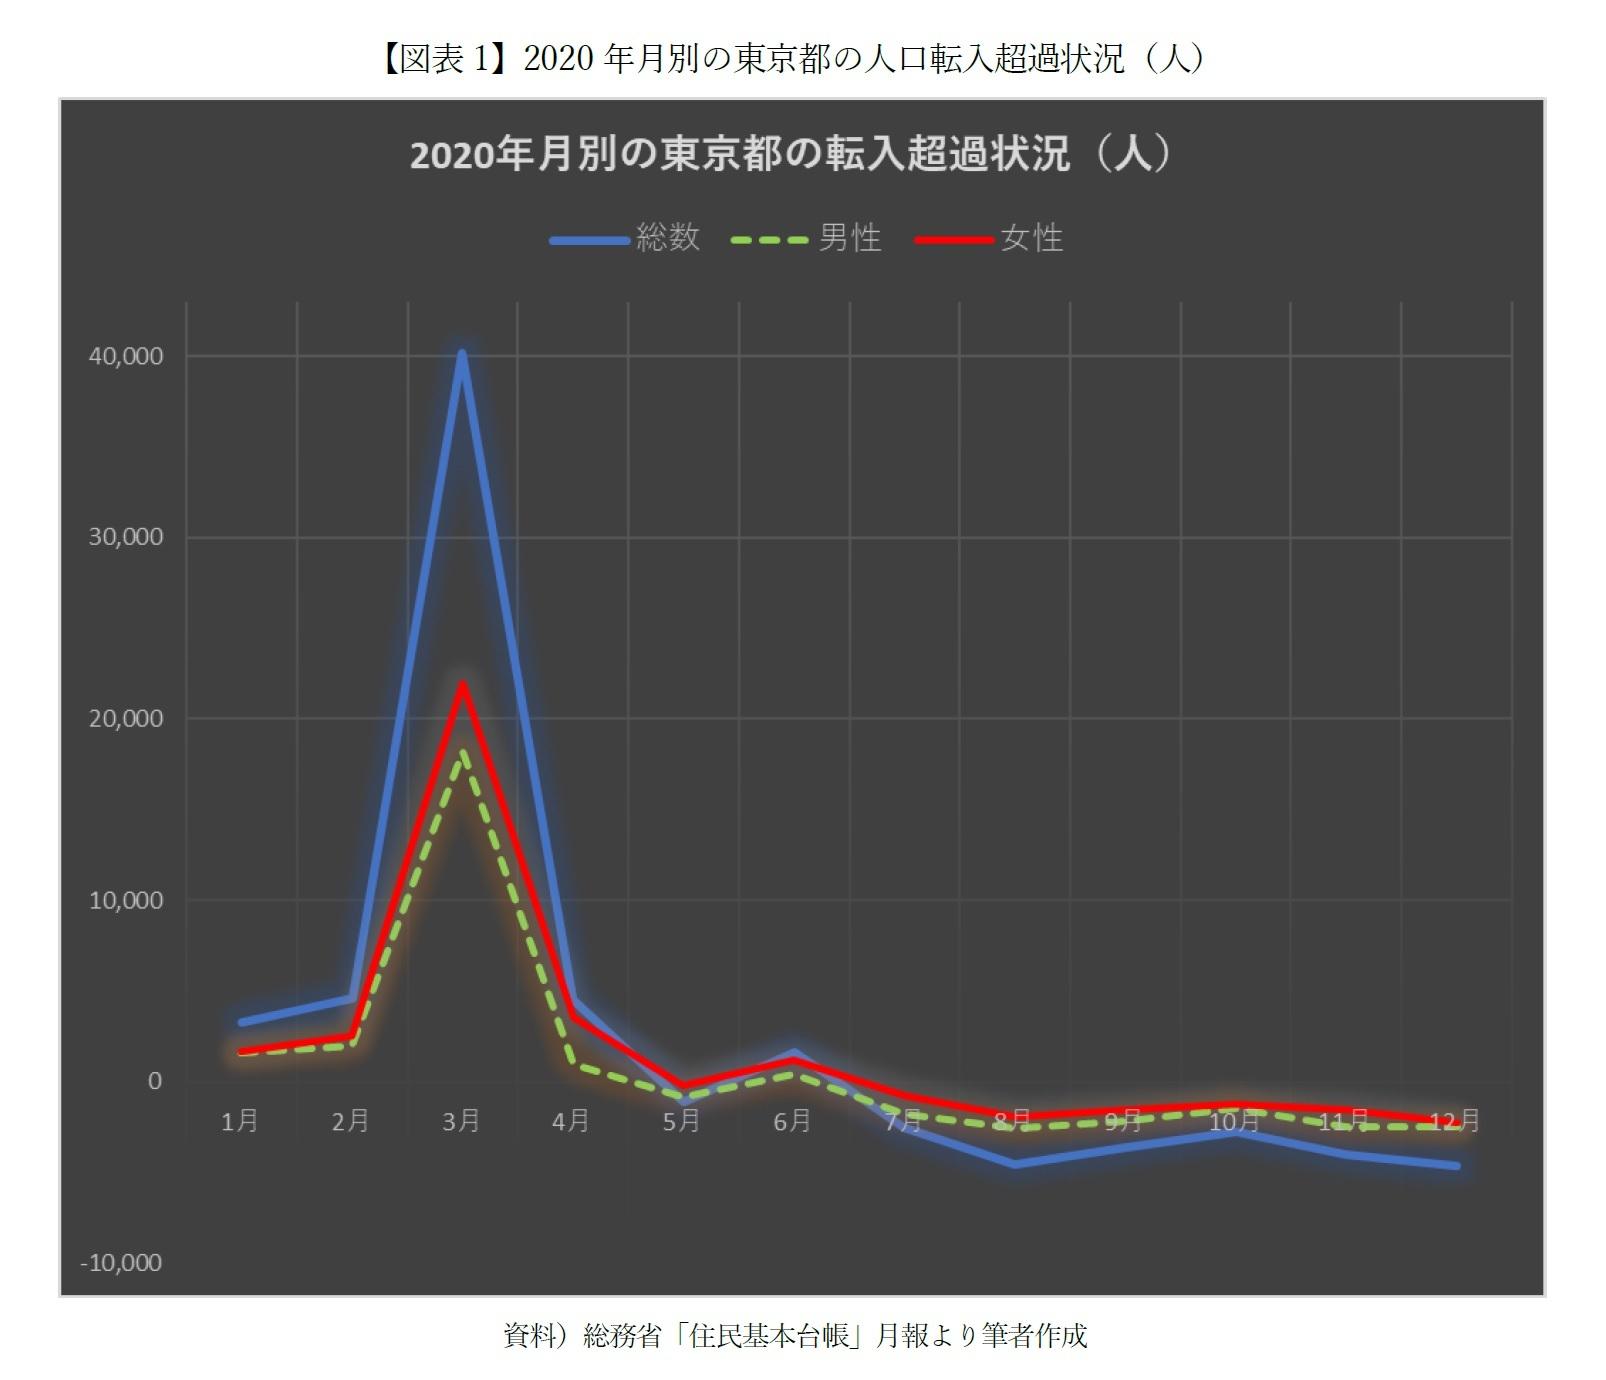 【図表1】2020年月別の東京都の人口転入超過状況(人)